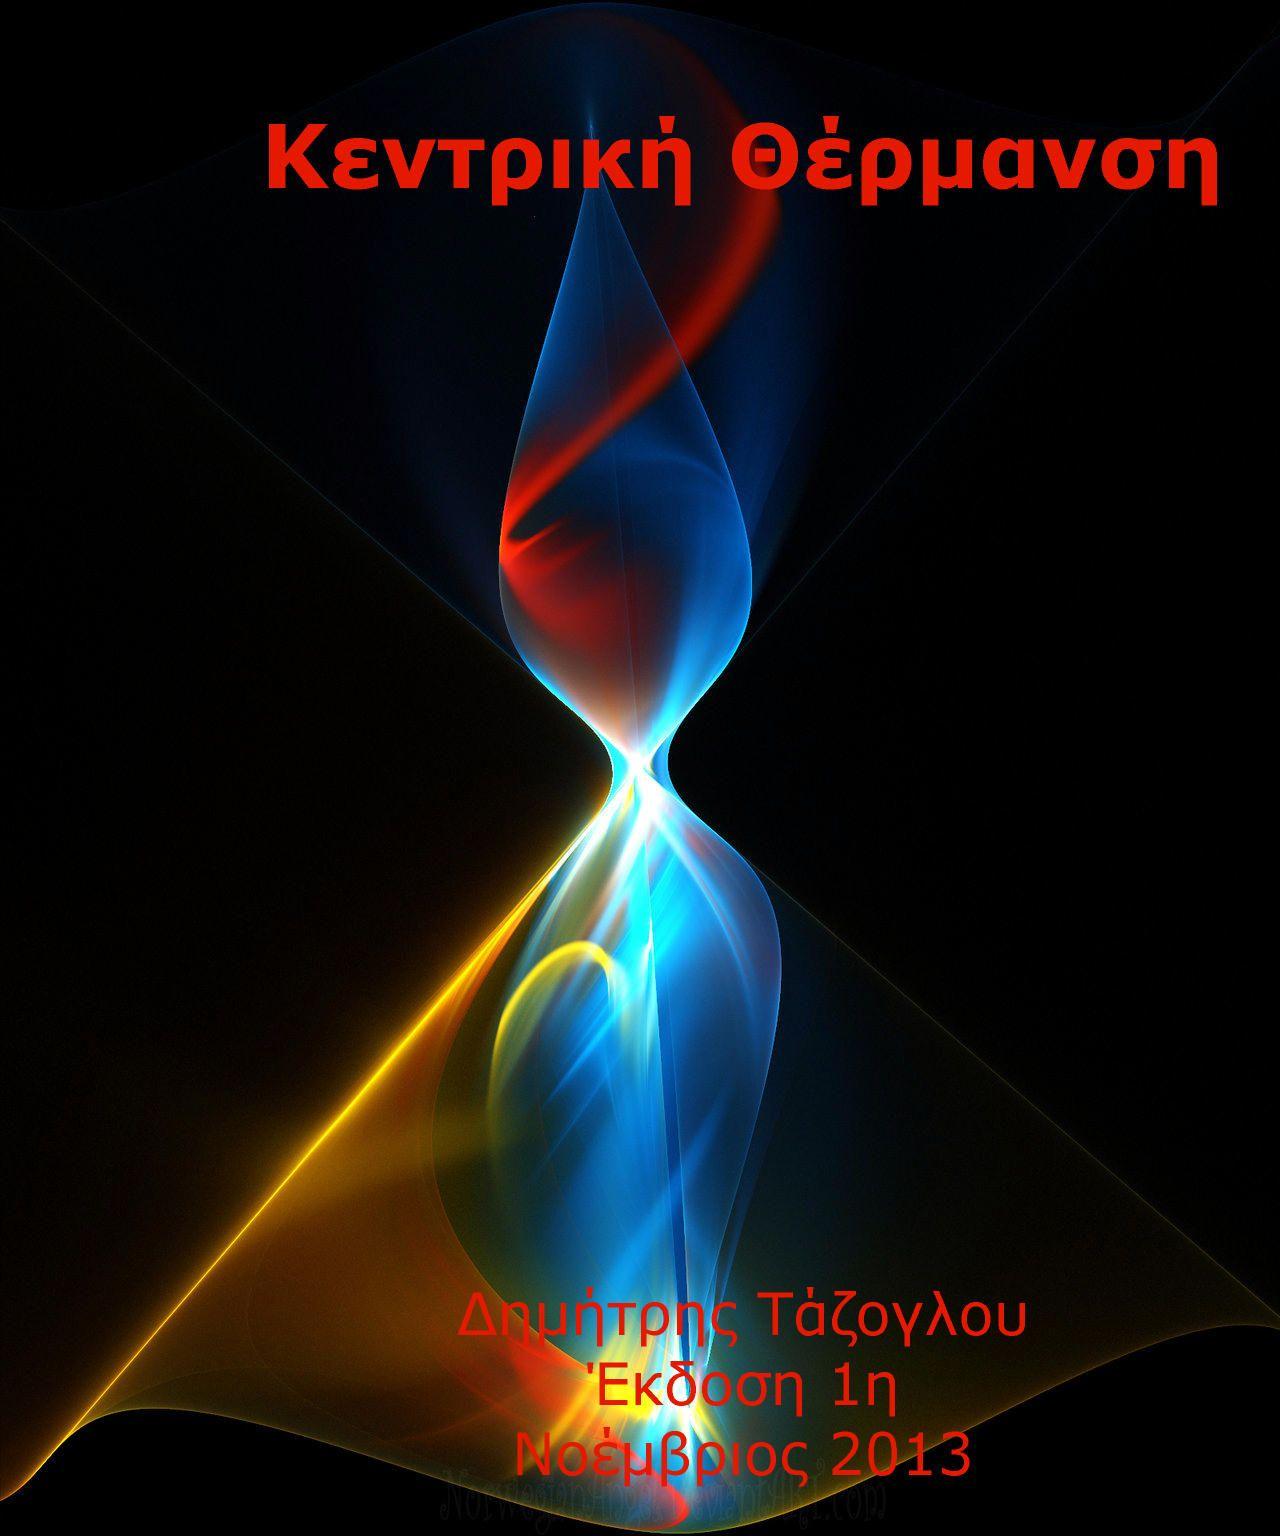 Κεντρική Θέρμανση (e-book)